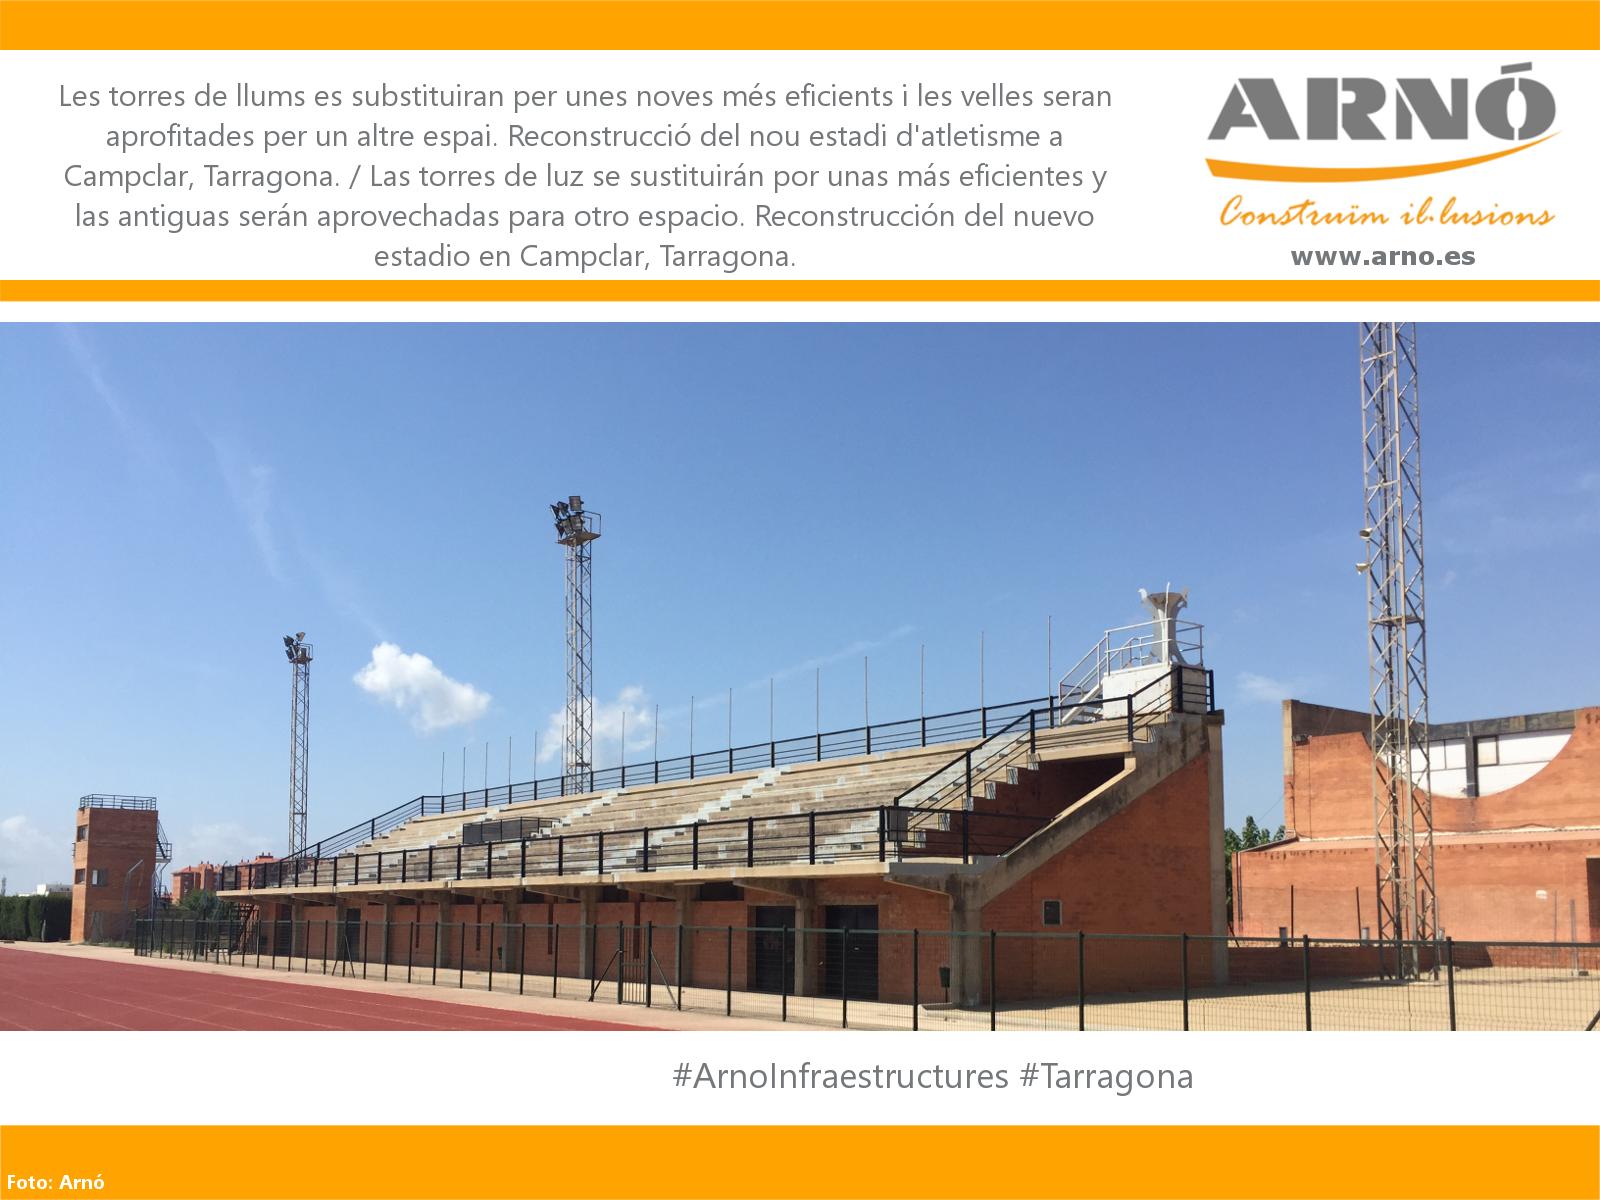 20161025 Arno-Atletisme Campclar-001